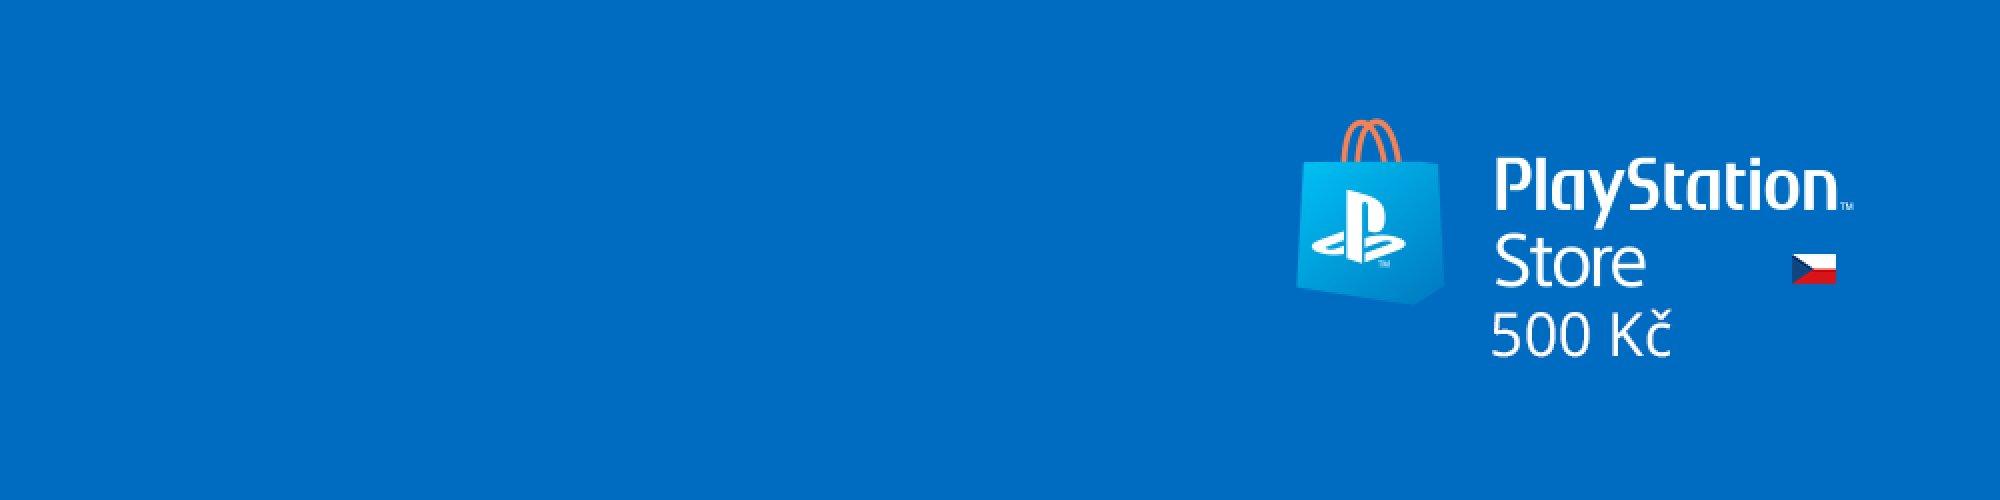 PlayStation Live Cards 500Kč banner